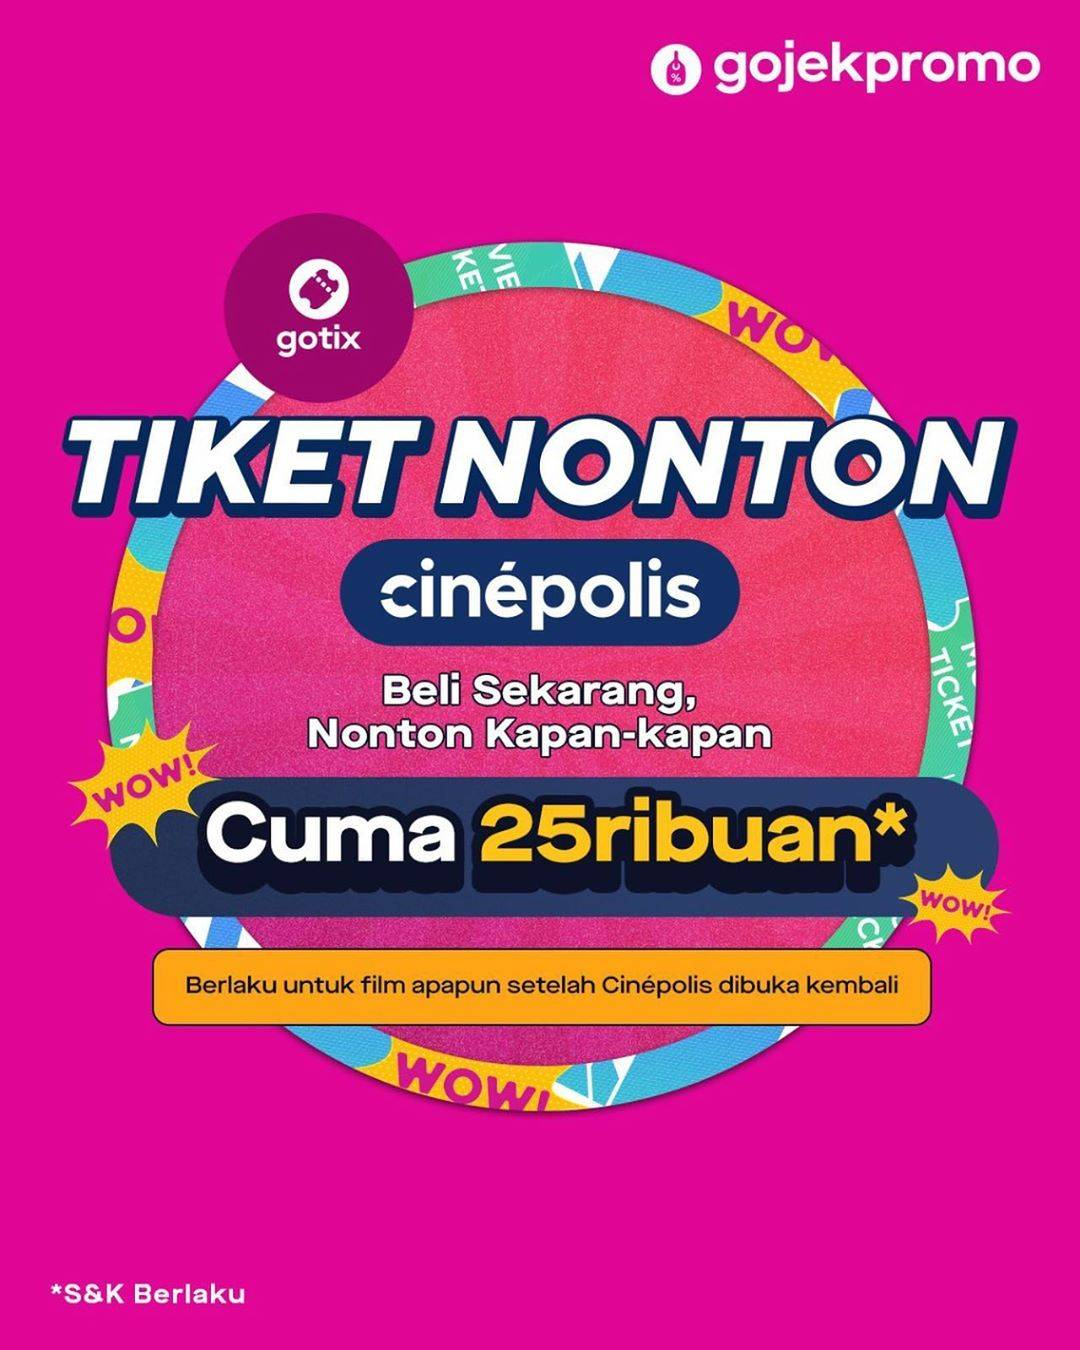 Diskon Promo Cinepolis Tiket Nonton Hanya Rp. 25.000 Untuk Pembelian Melalui GoTix